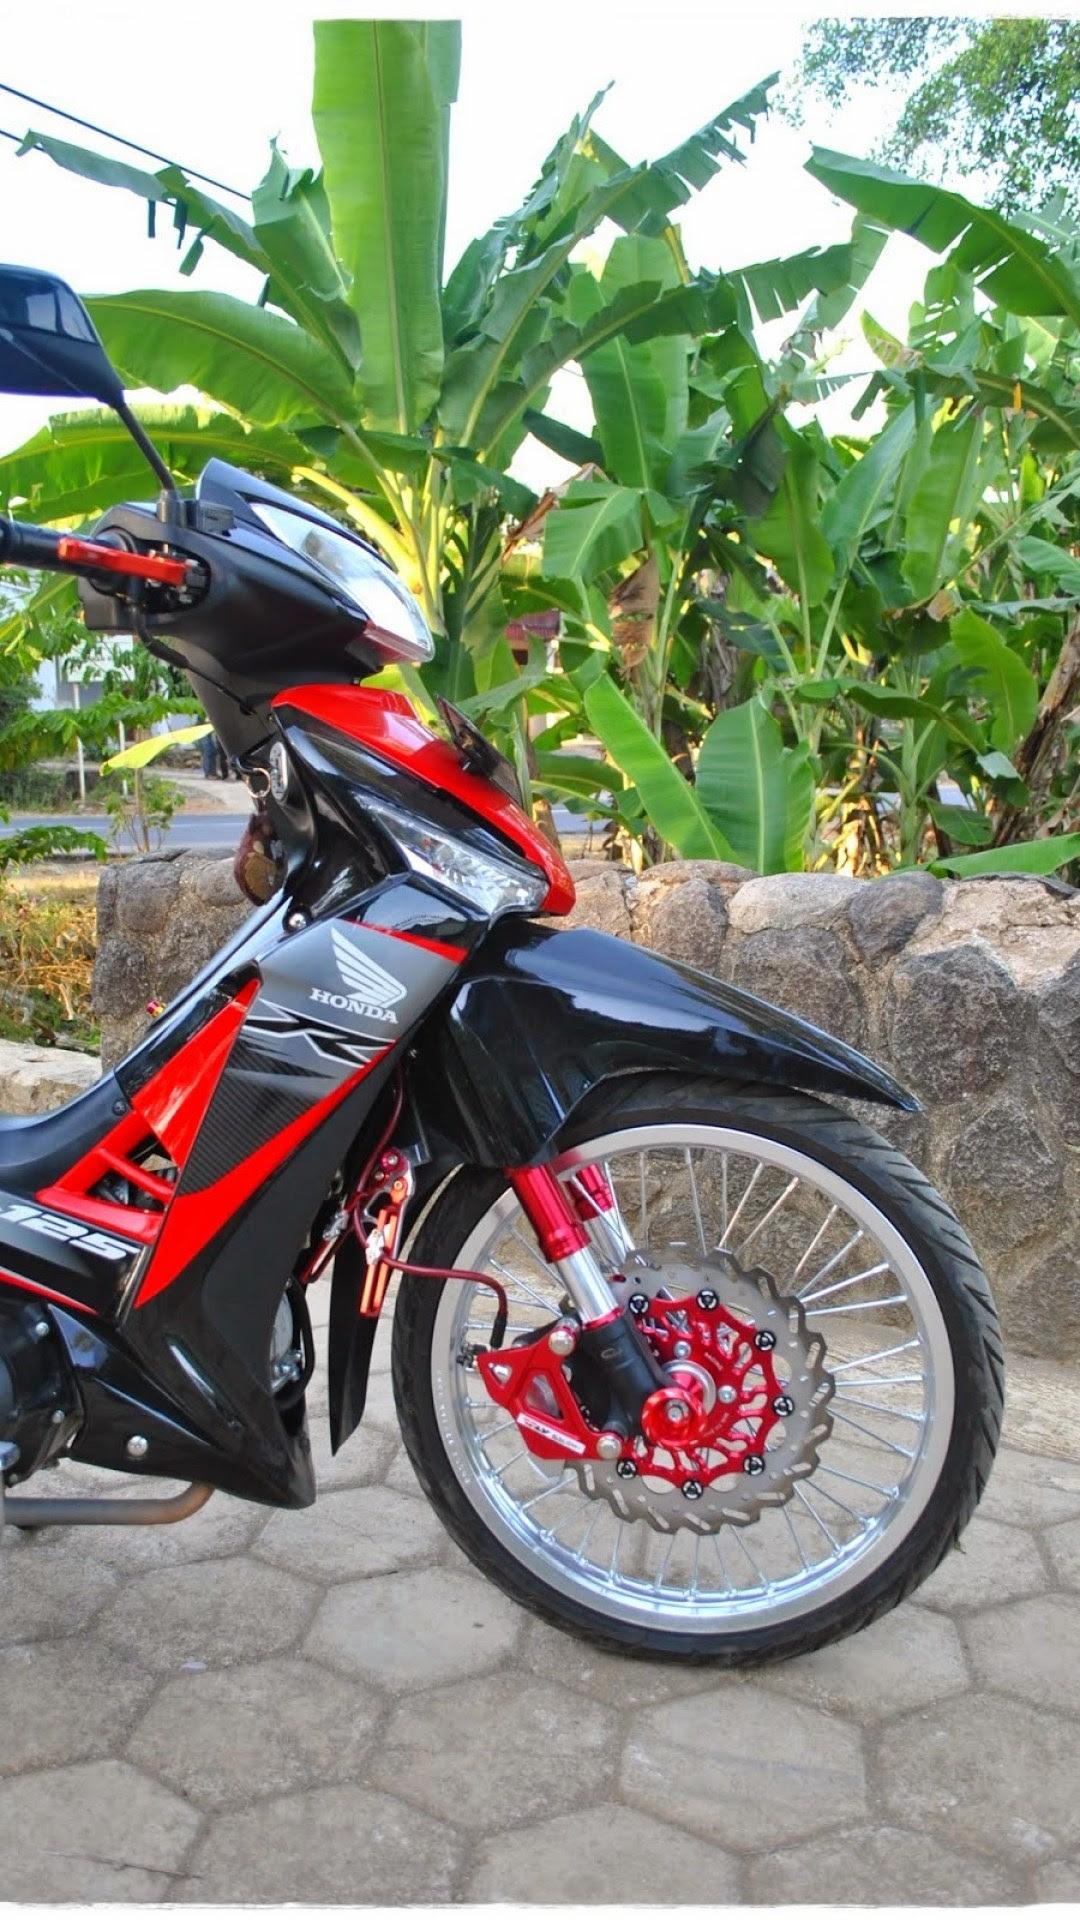 100 Modifikasi Motor Honda Supra X 125 Injeksi Terlengkap Kumbara